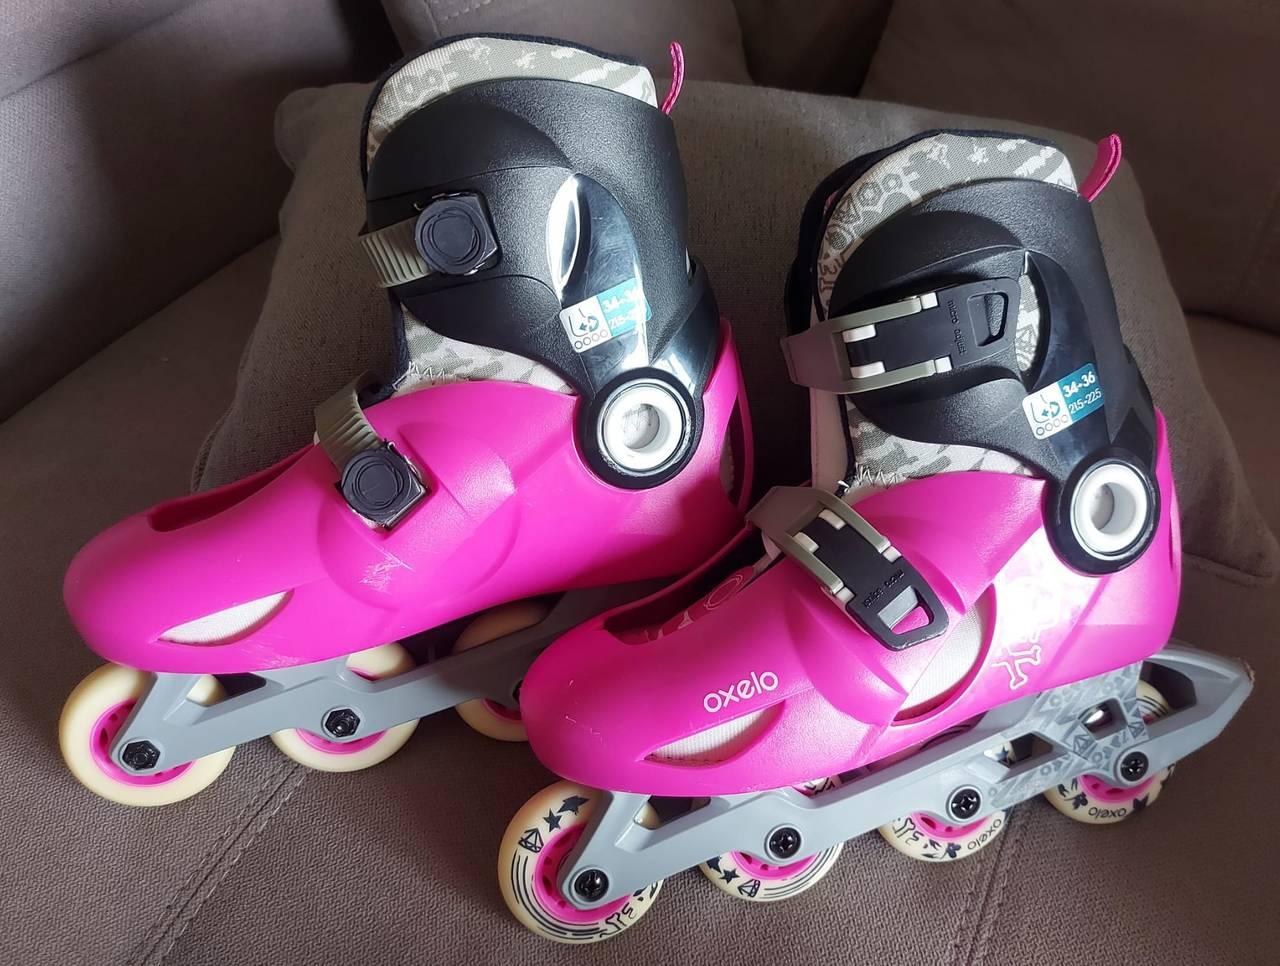 patines en linea marca oxelo talla 34-36  - Foto 6